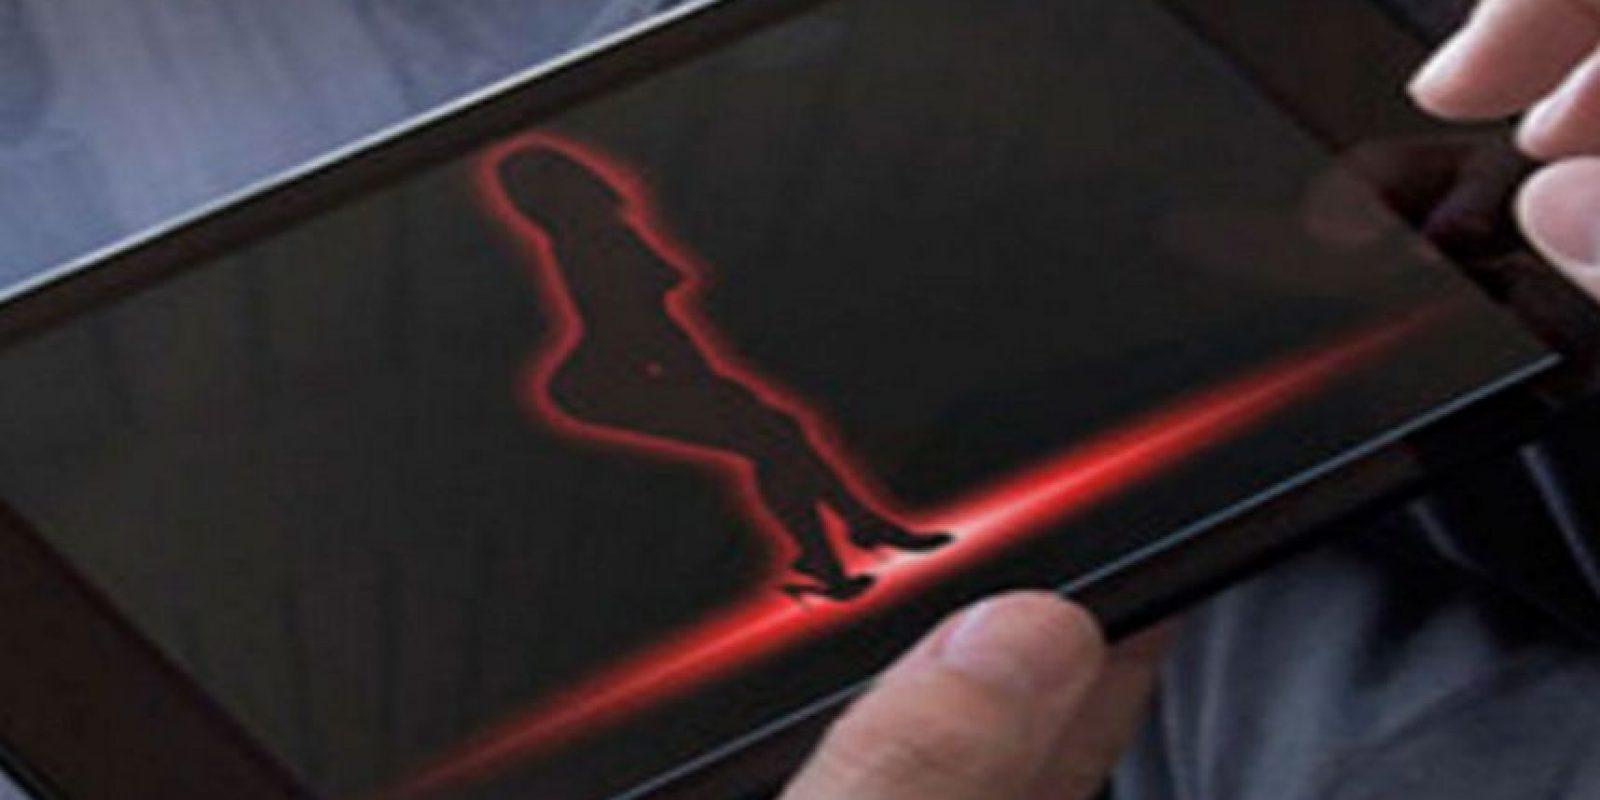 El celular define los gustos de los visitantes a sitios para adultos en Internet. Foto:Wikicommons